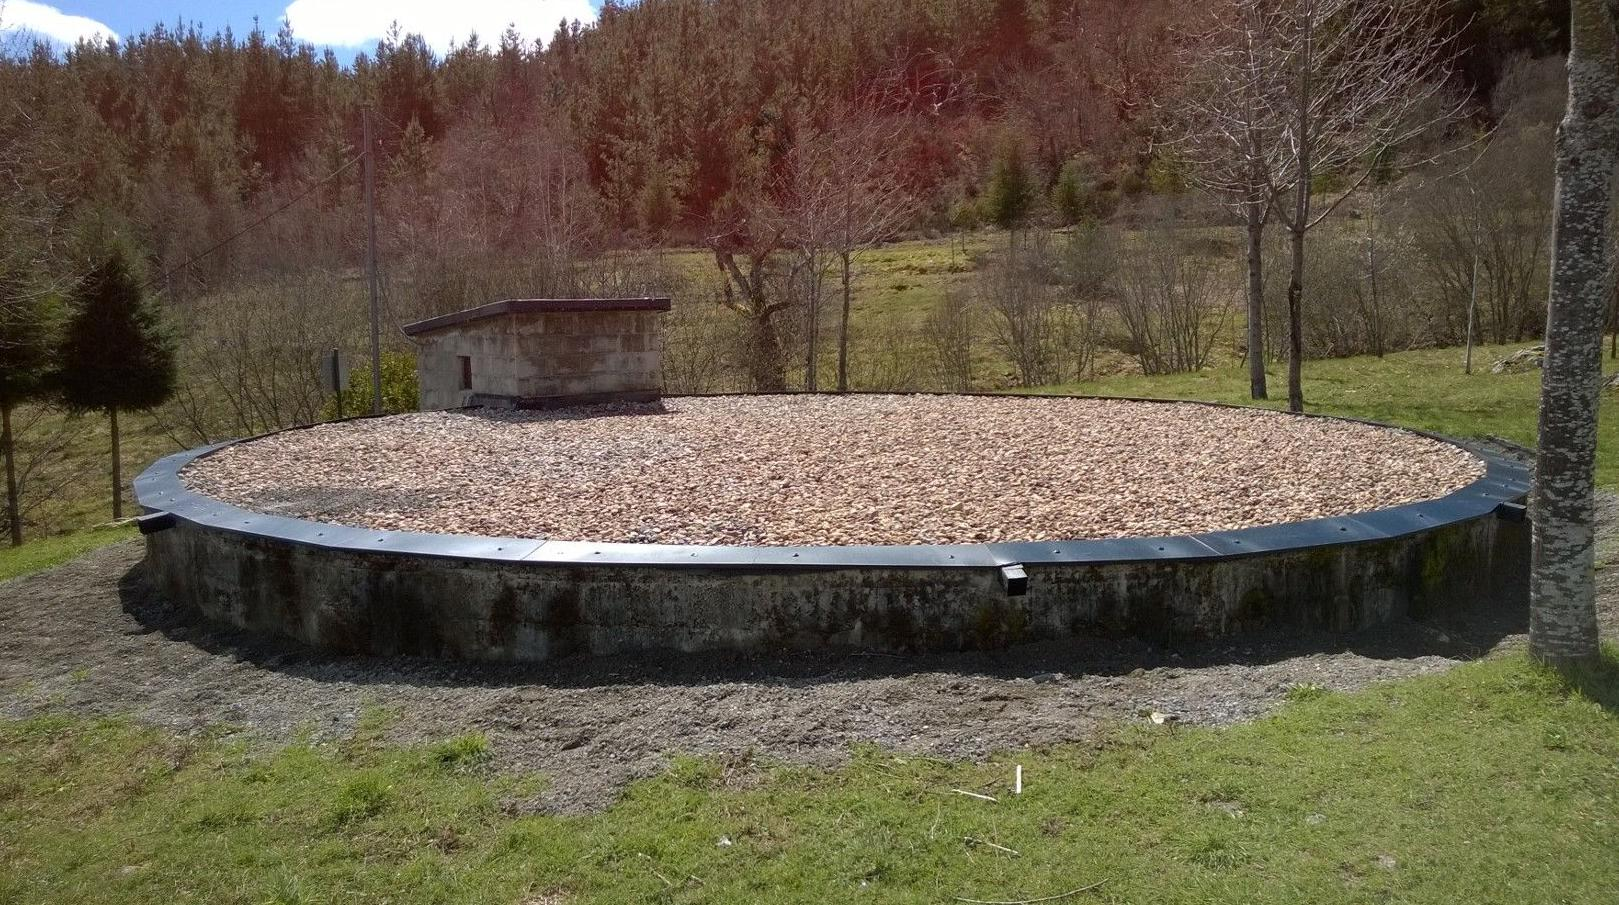 Impermeabilizacion superior deposito subterraneo y caseta,finalizado.